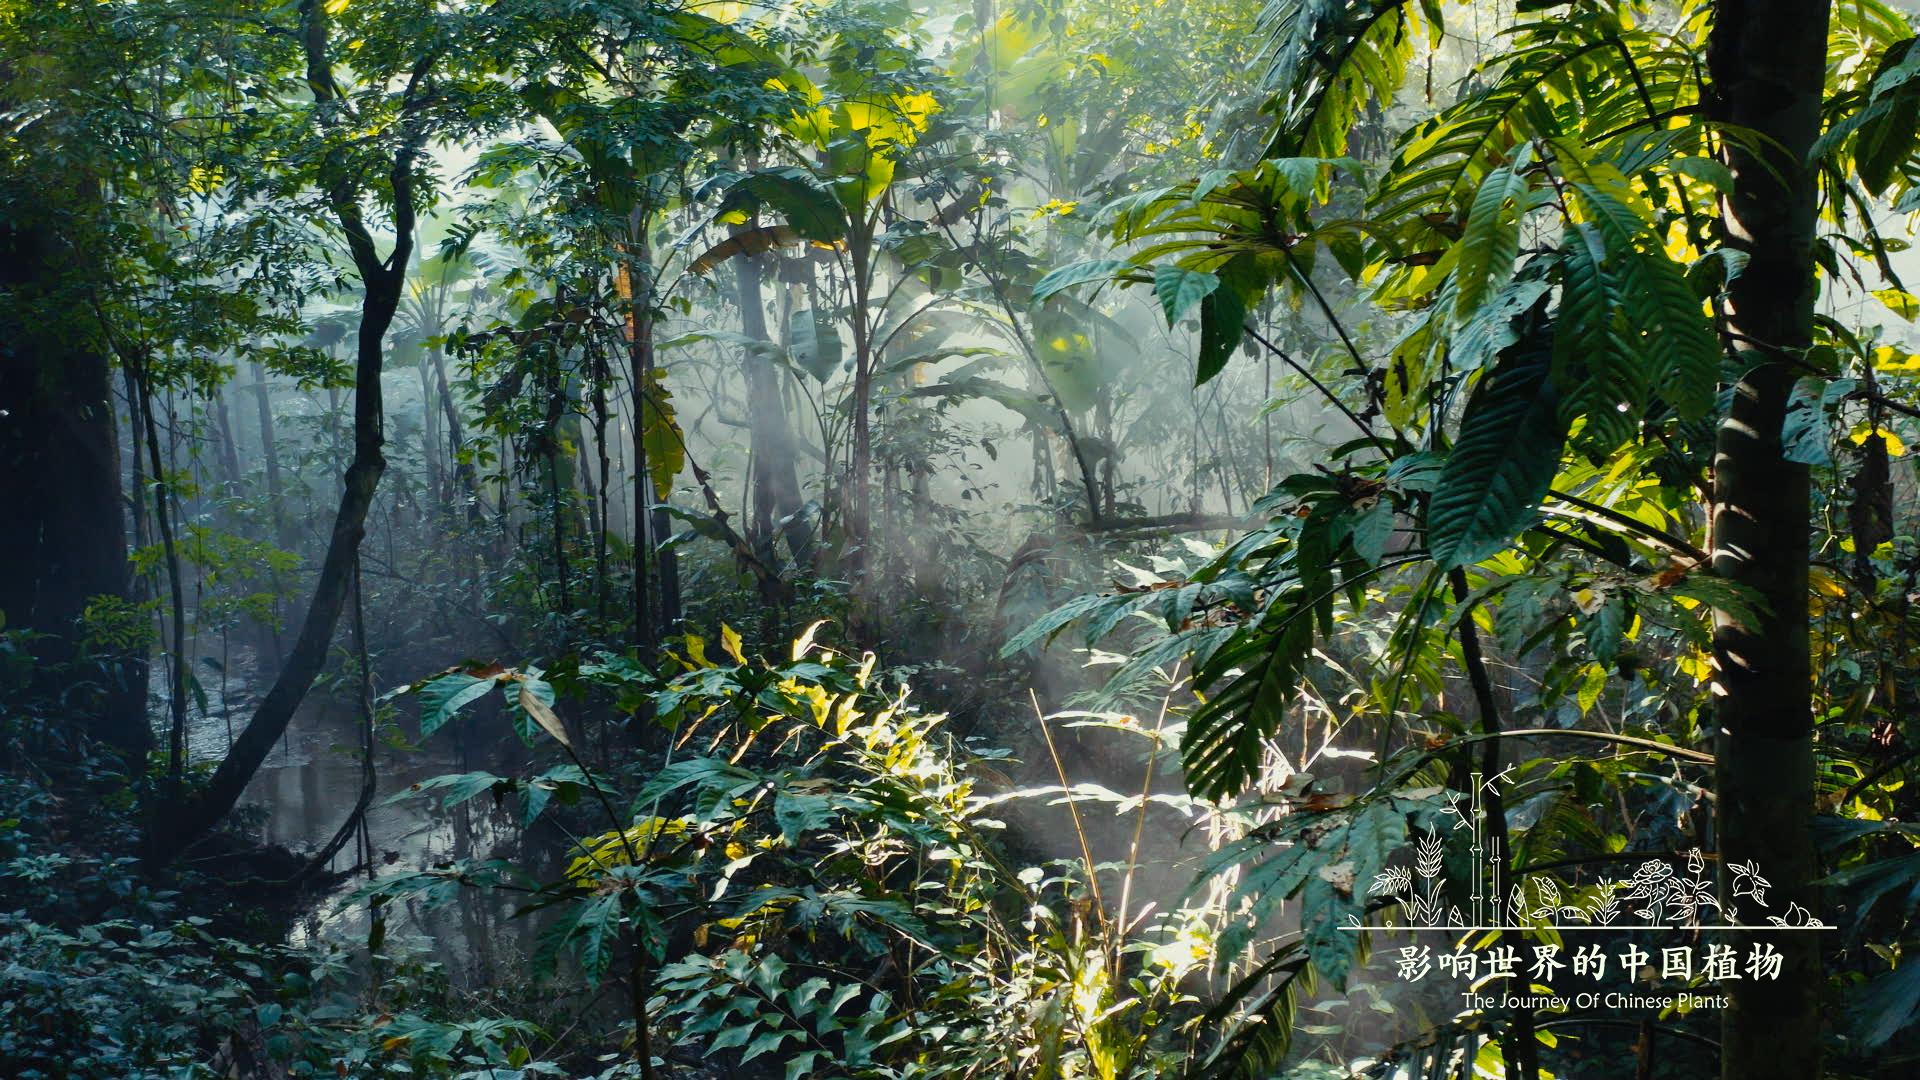 《影响世界的中国植物》美到让你重新认识大自然 豆瓣8.9的照片 - 8